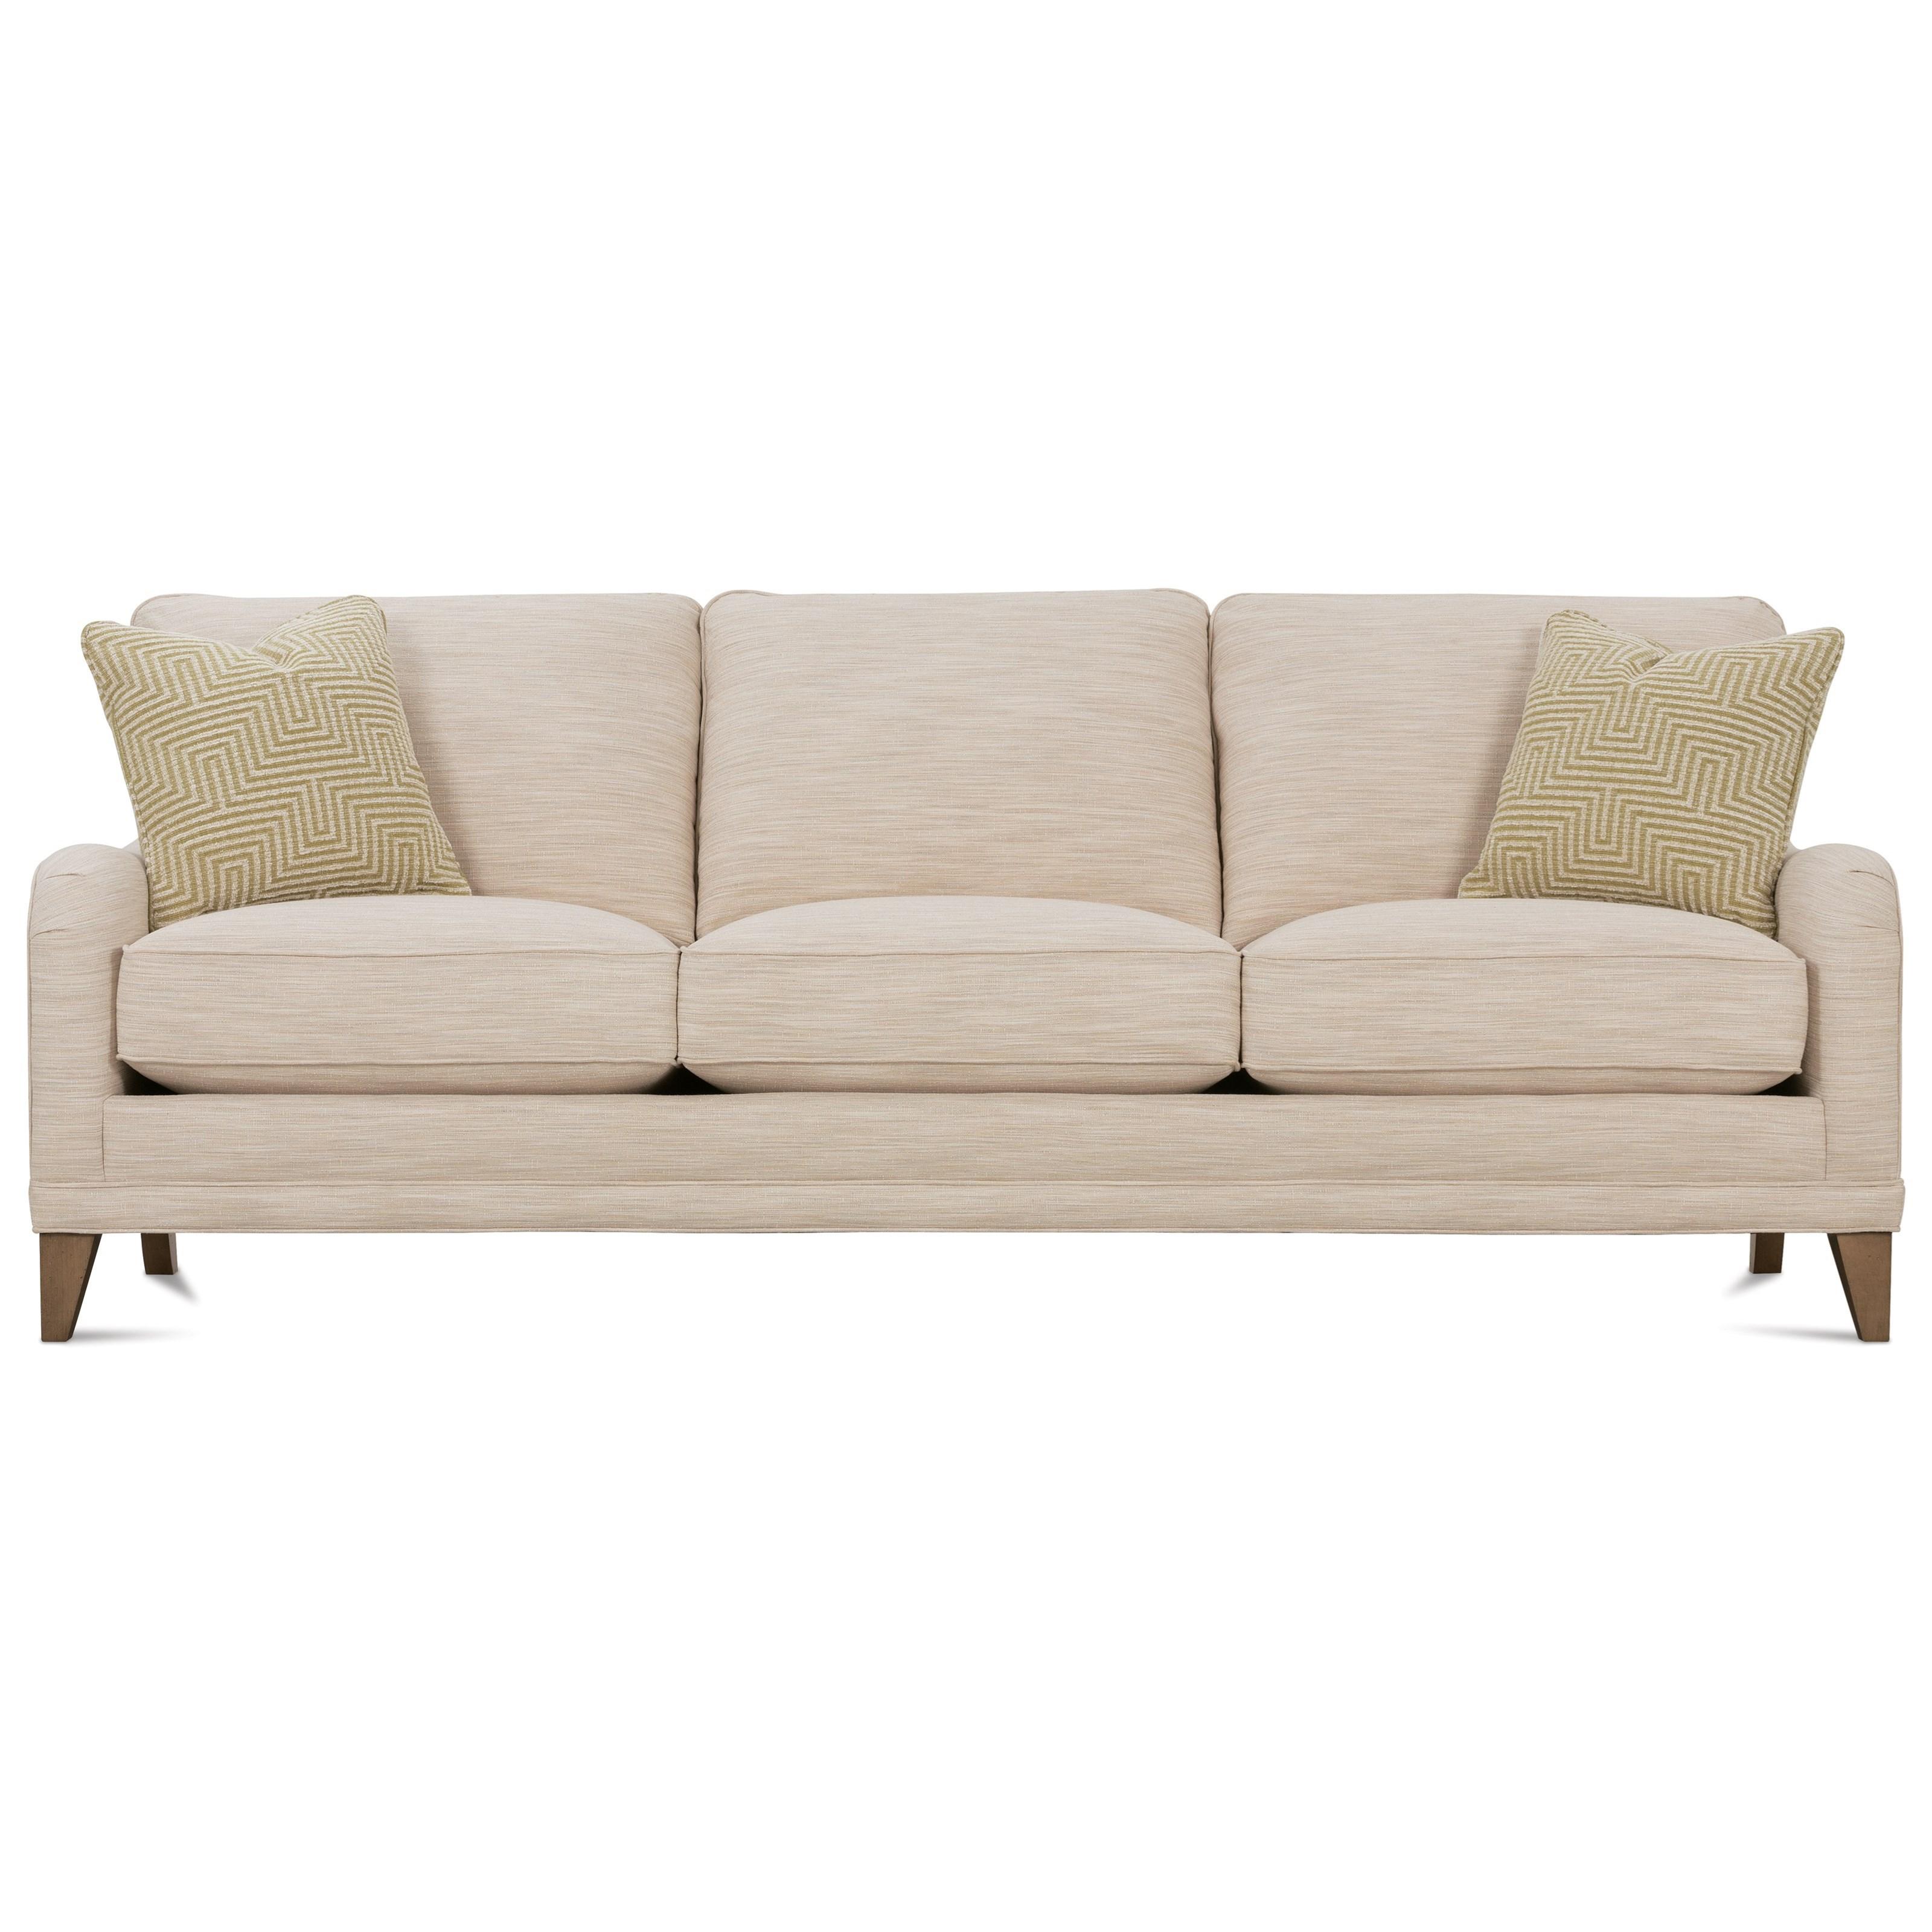 Rowe My Style IICustomizable Sofa ...